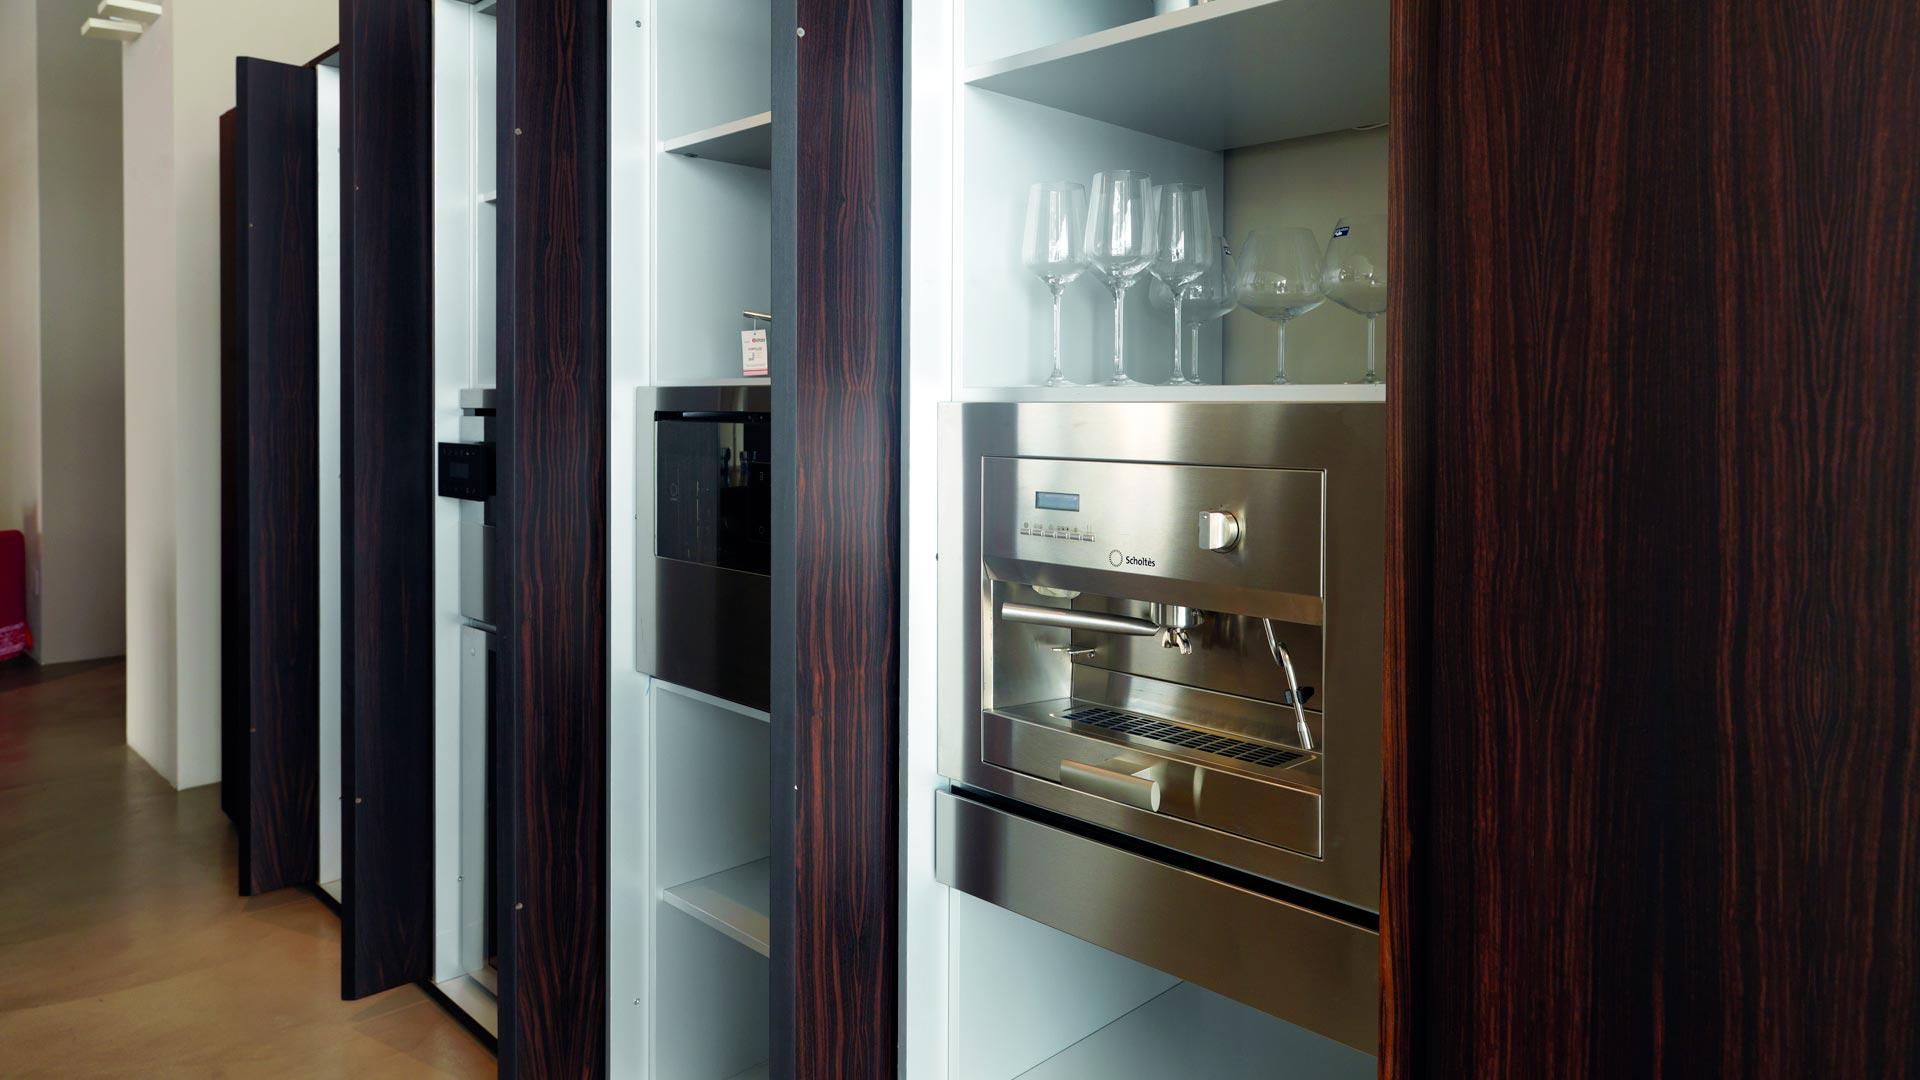 Cucine Su Misura TM Italia Cucine #5F4937 1920 1080 Programma Per Creare Cucine Su Misura